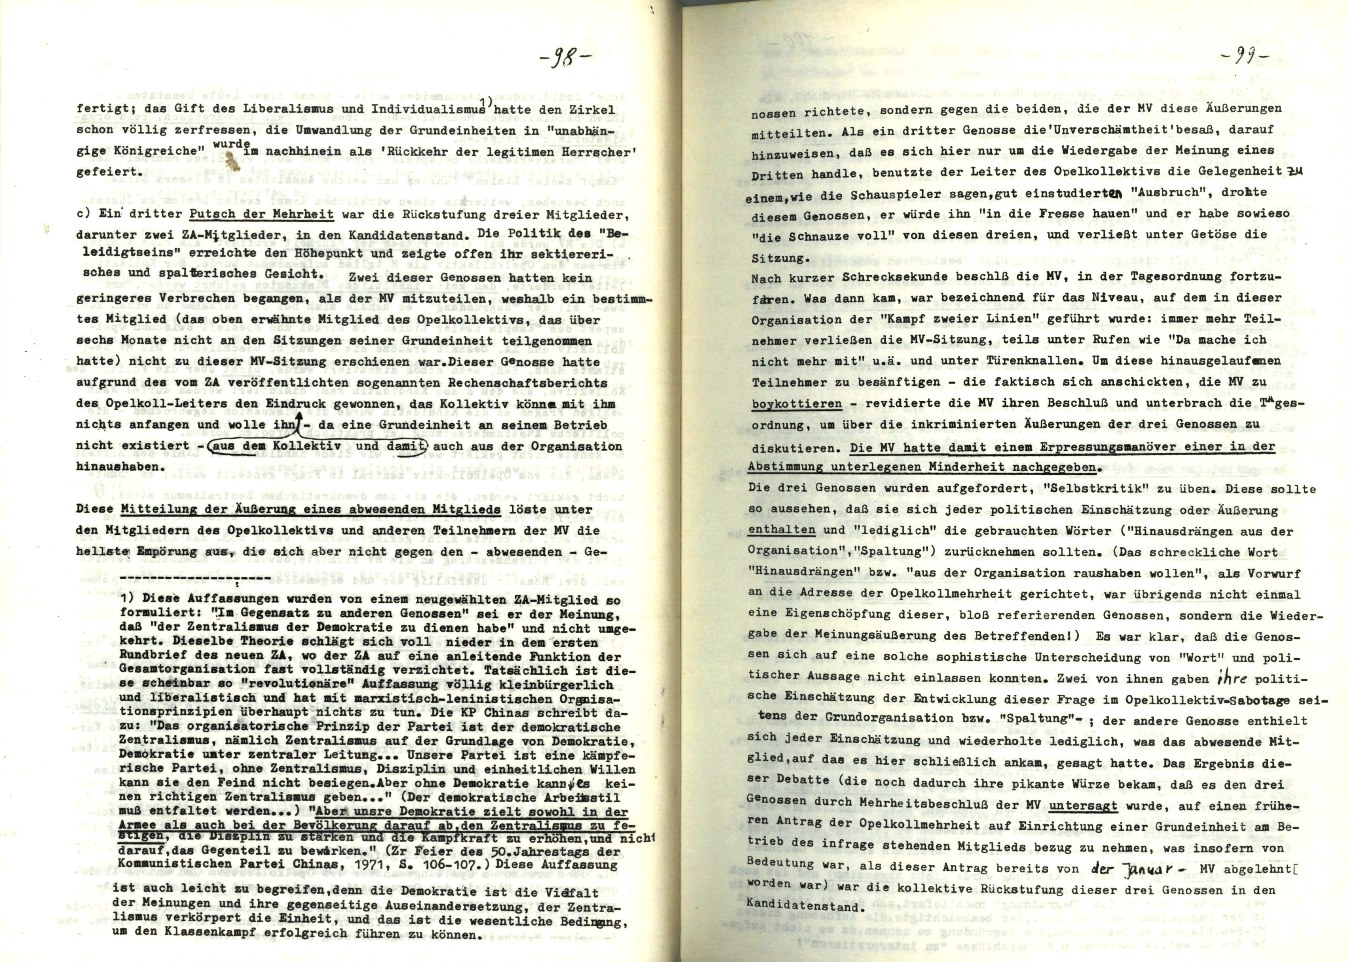 KGBE_Ehemalige_1977_Kritik_an_der_KGBE_53